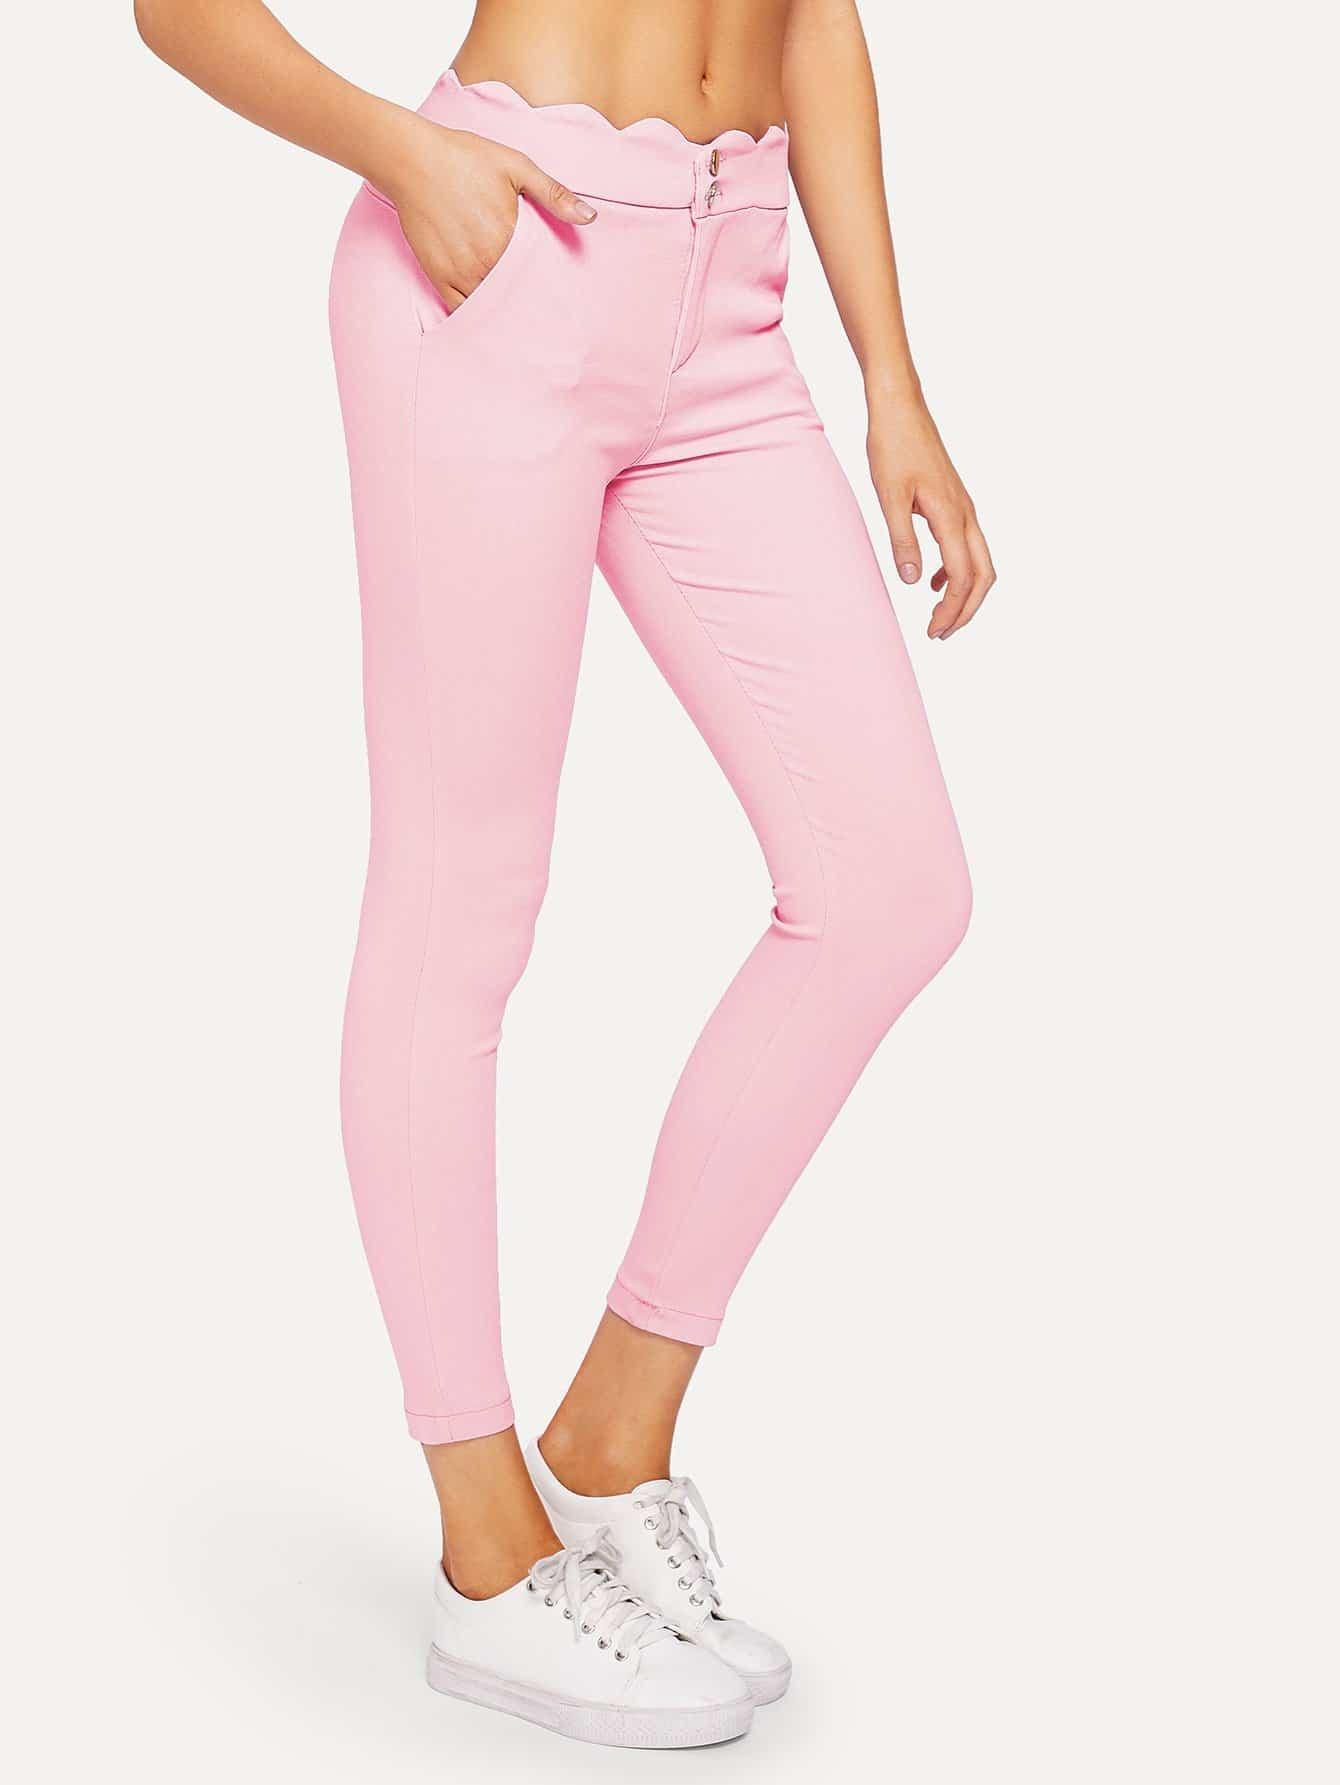 Купить Твердые тощие джинсы-пуговицы, Sasa, SheIn